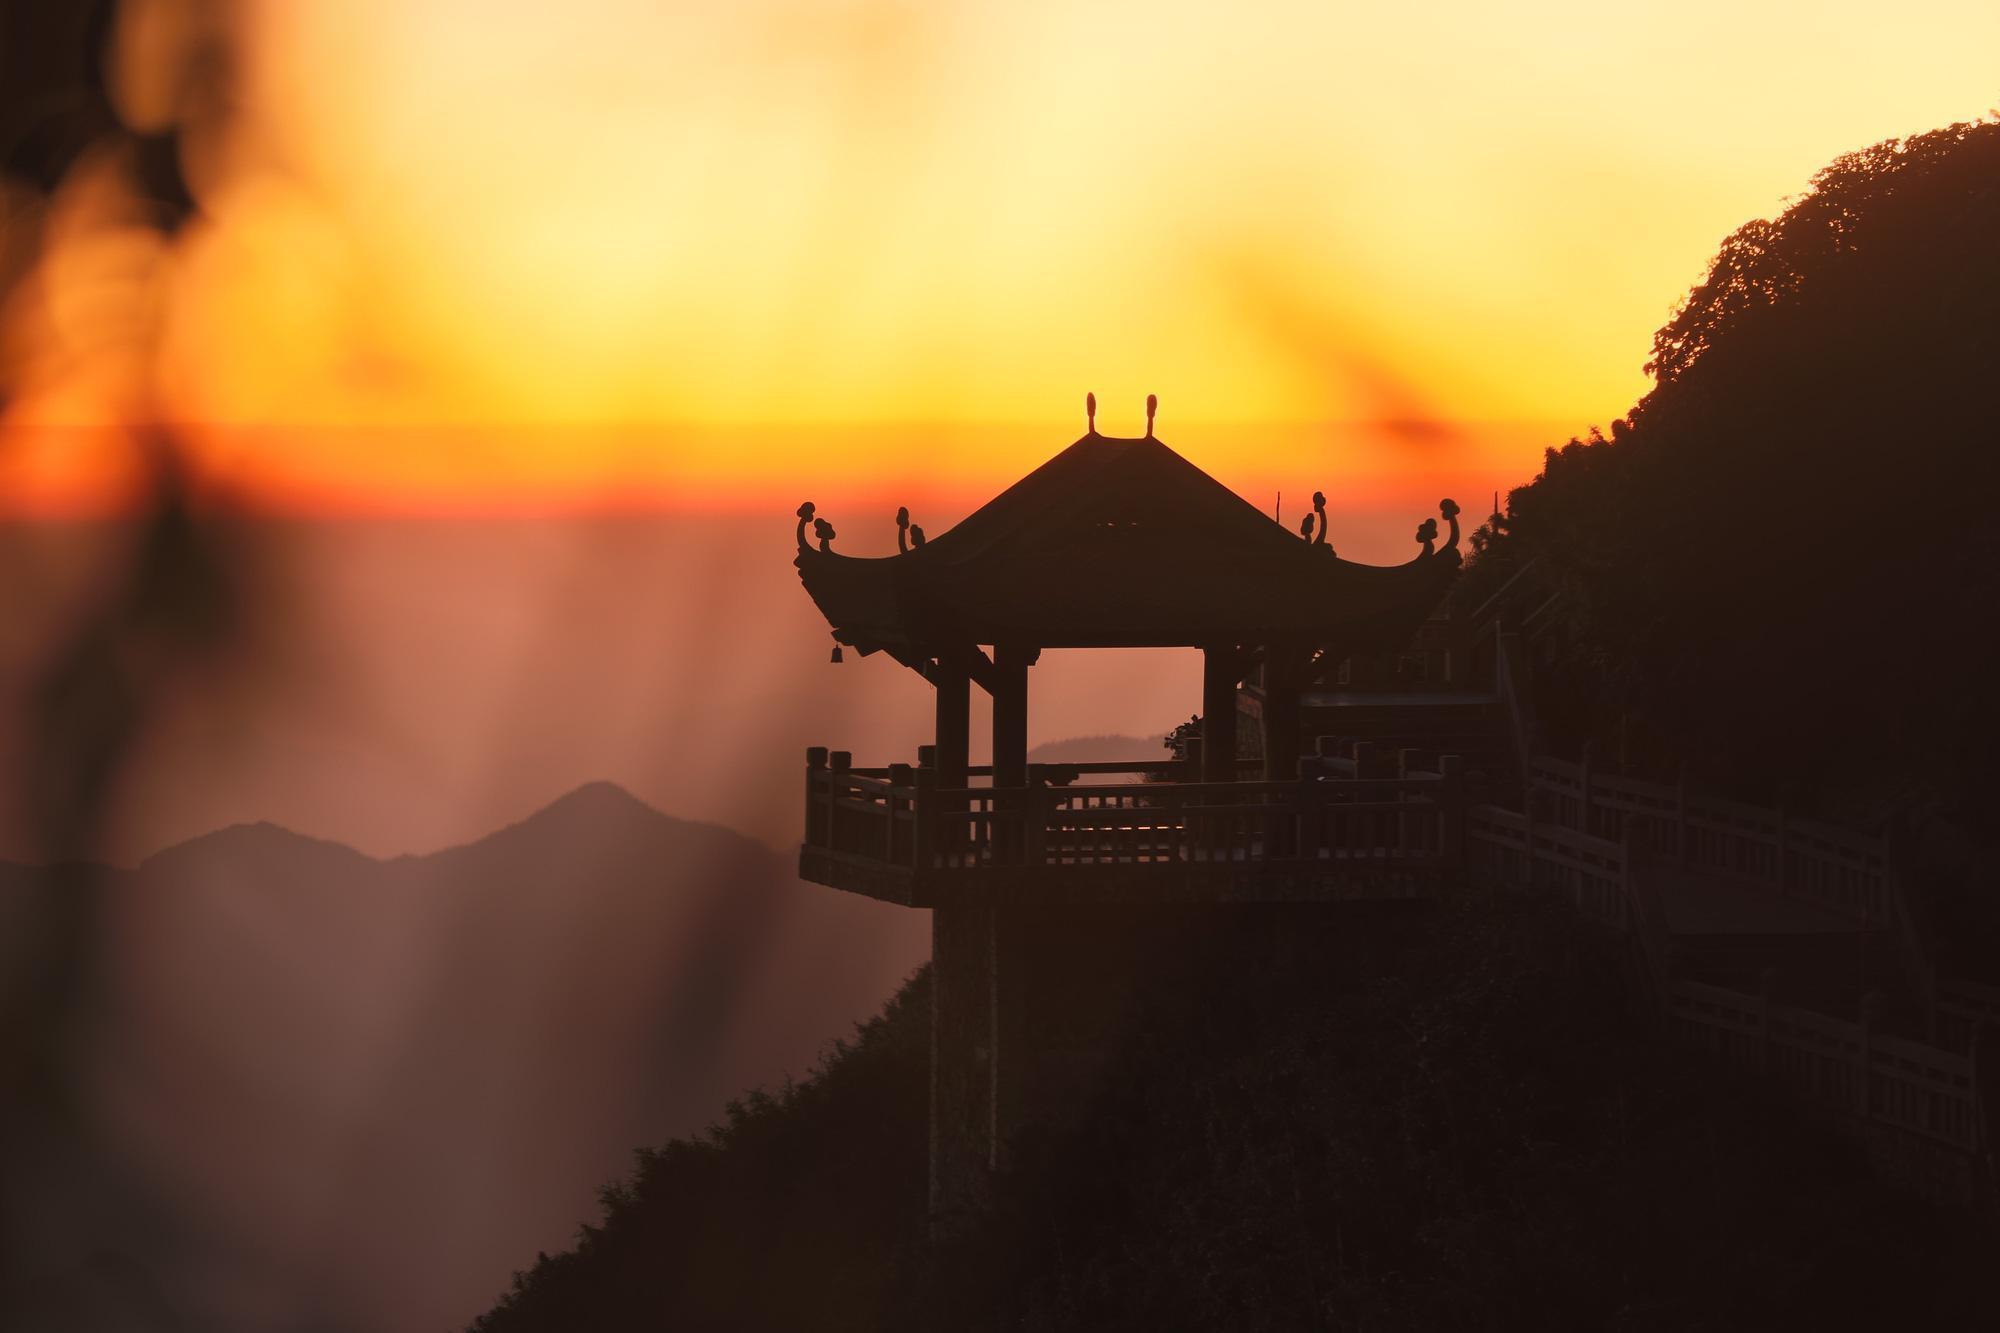 Vẻ đẹp của 'đỉnh núi bạc' Fansipan trong mùa đông Ảnh 10